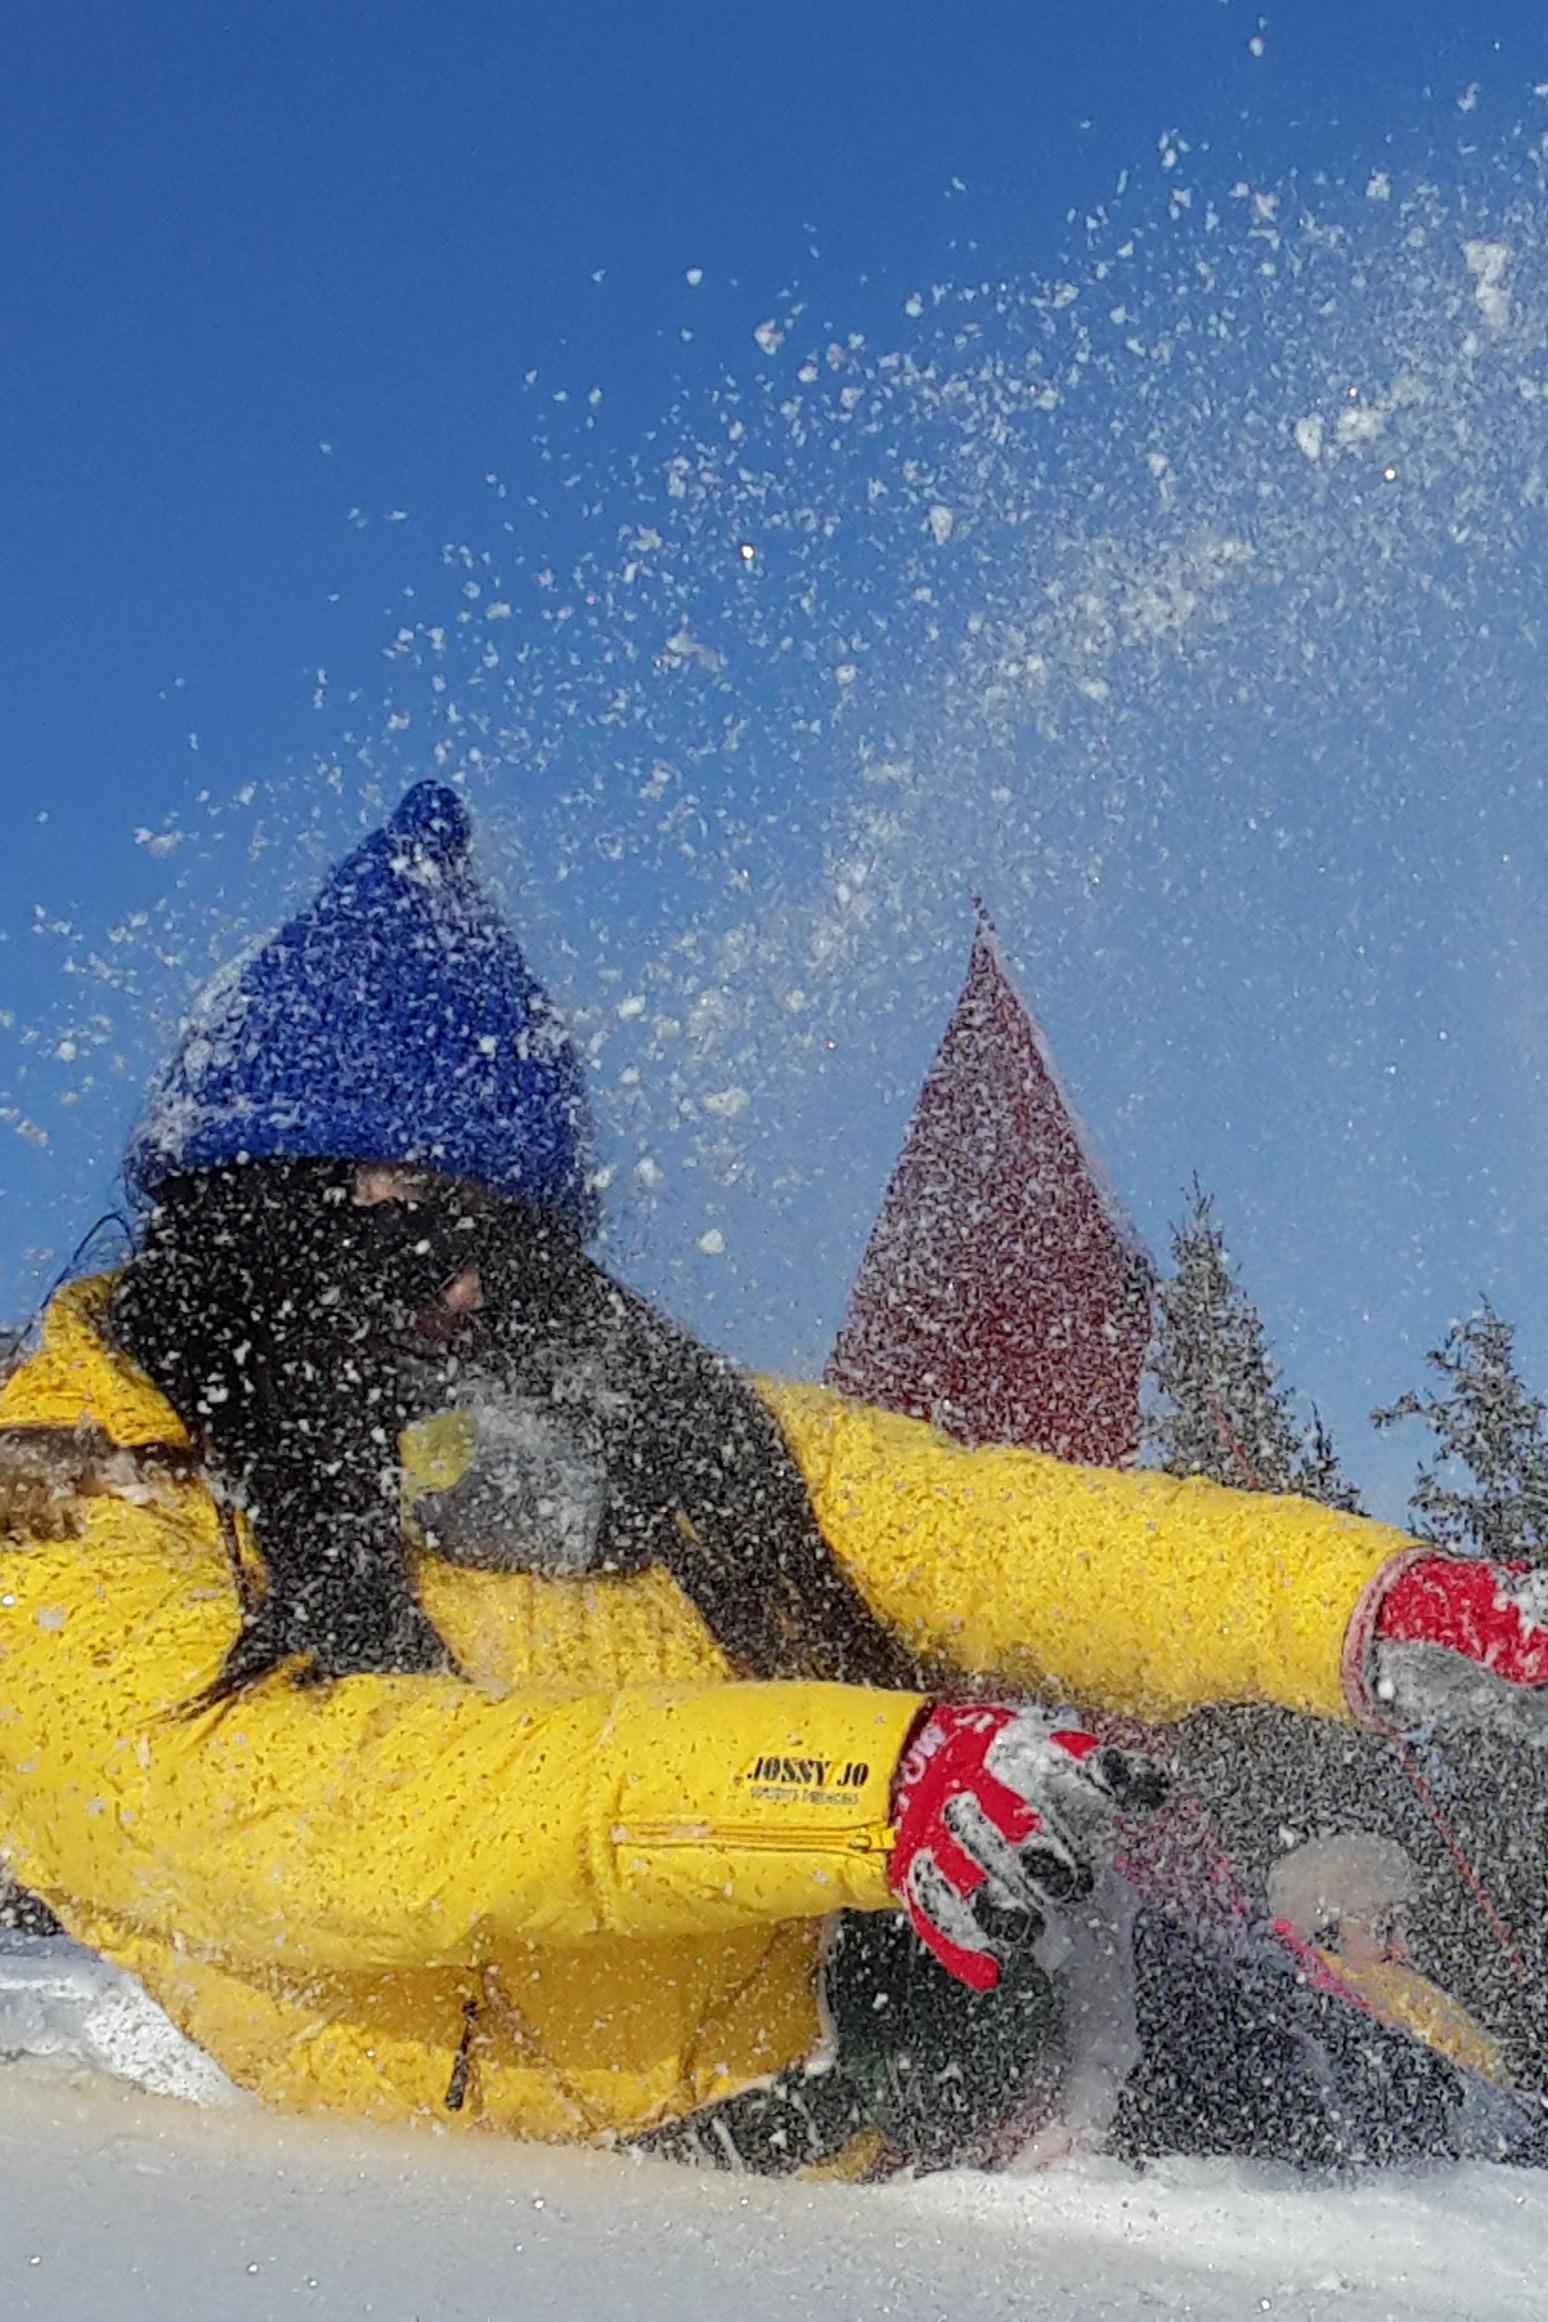 大漠户外汽车俱乐部1月31日赛里冰雪松树头滑划雪